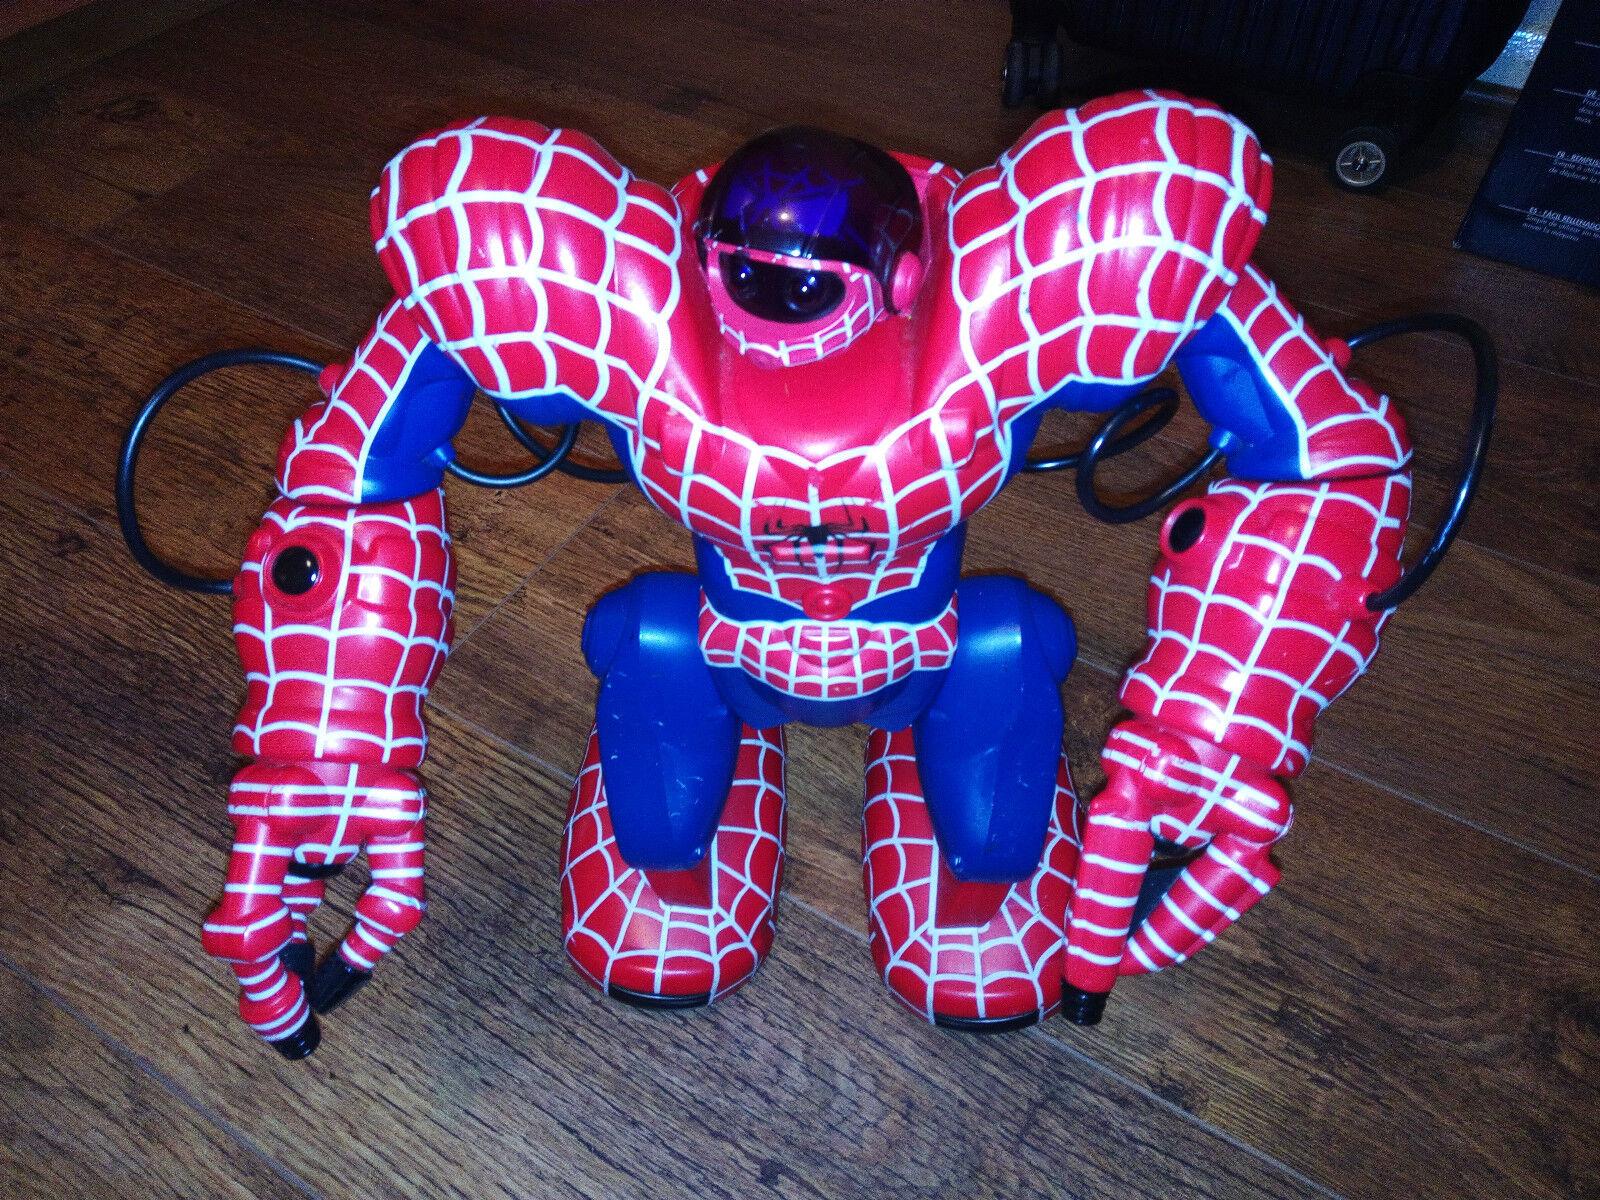 Wowwee Marvel Spiderman spidersapien Robosapien Robot RC Control Remoto Juguete 14